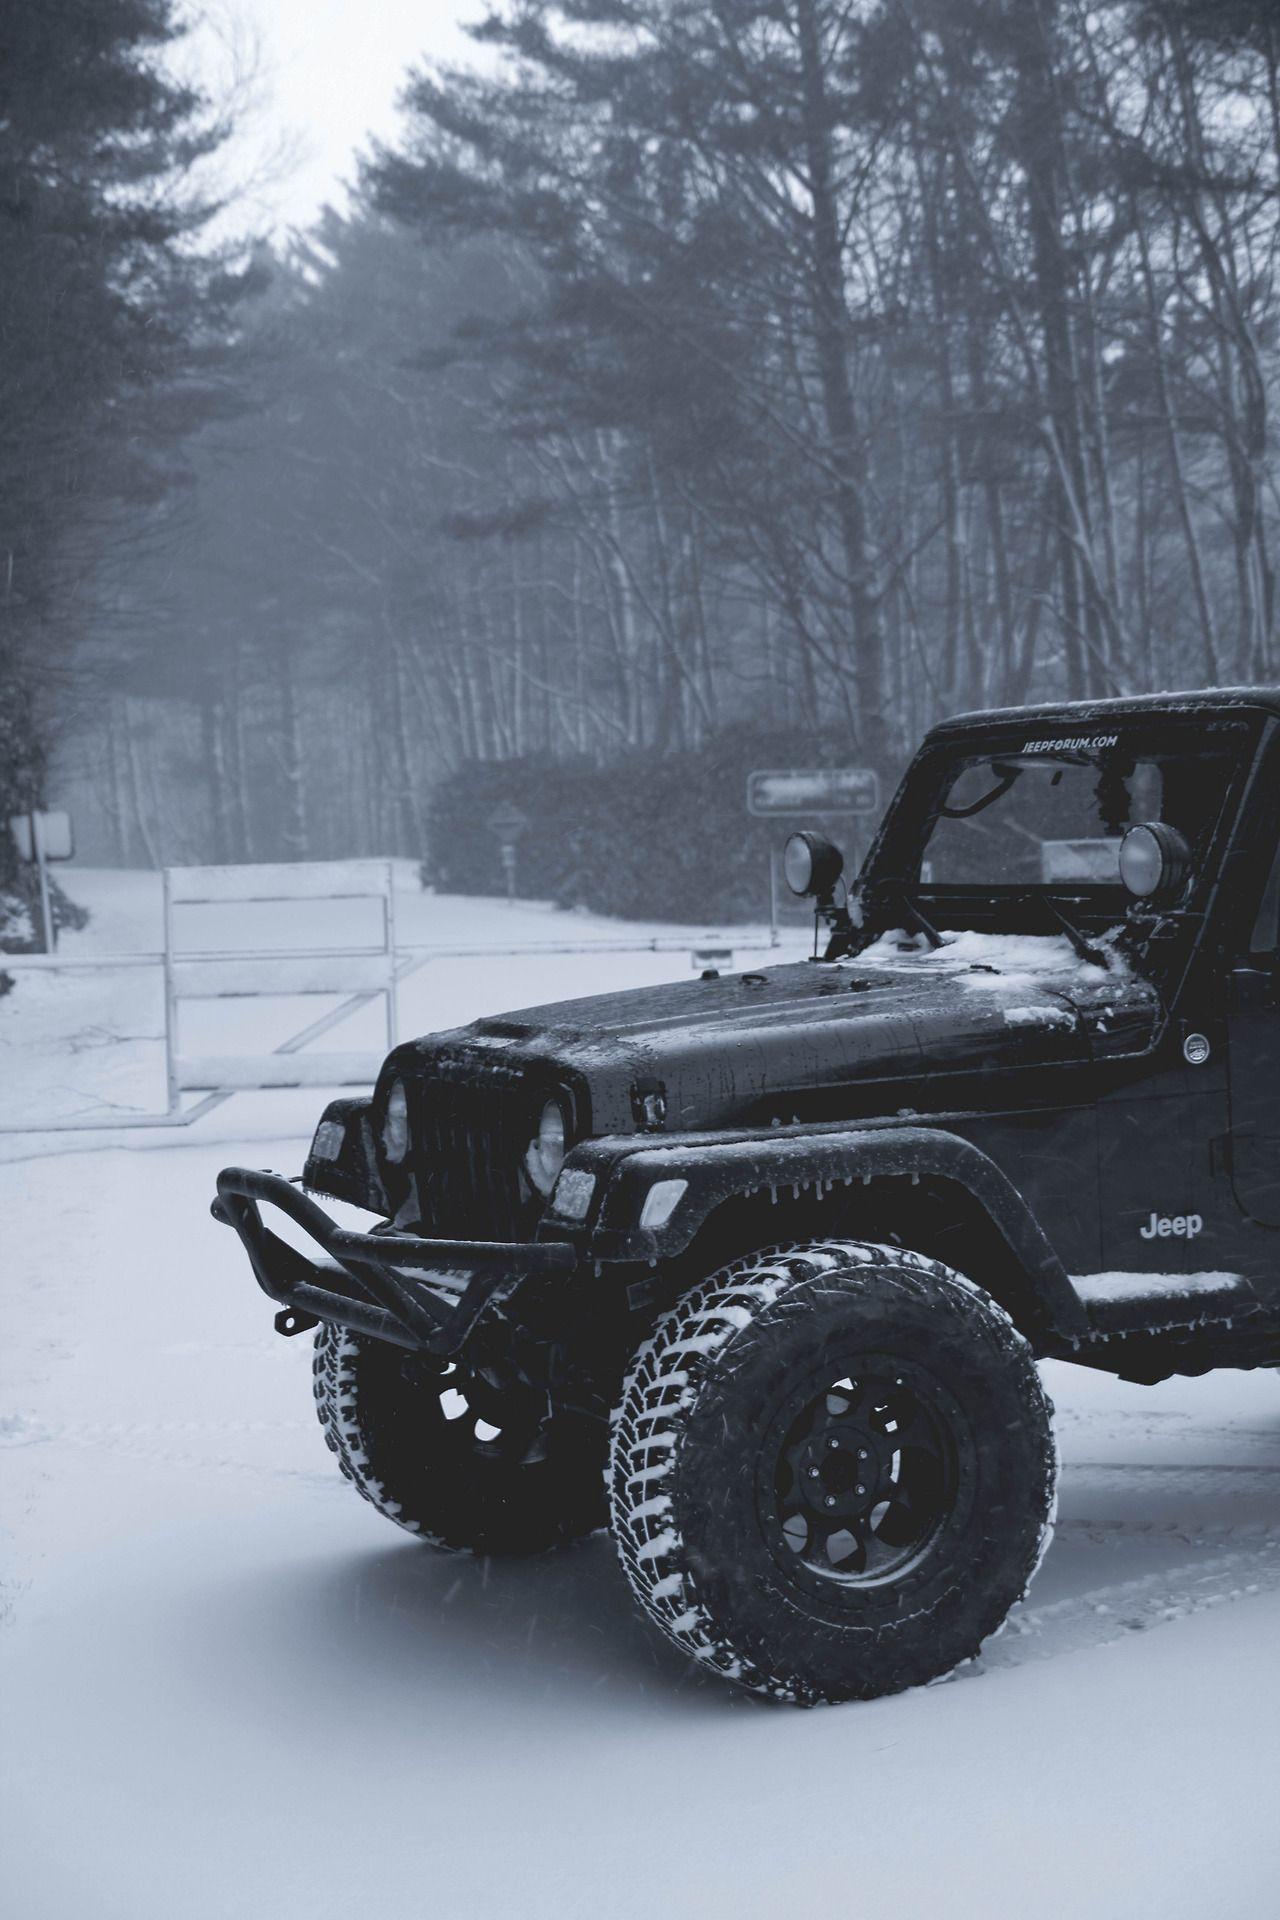 Black Jeep Wrangler In Snow Jeep Jeep Cars Jeep Wrangler